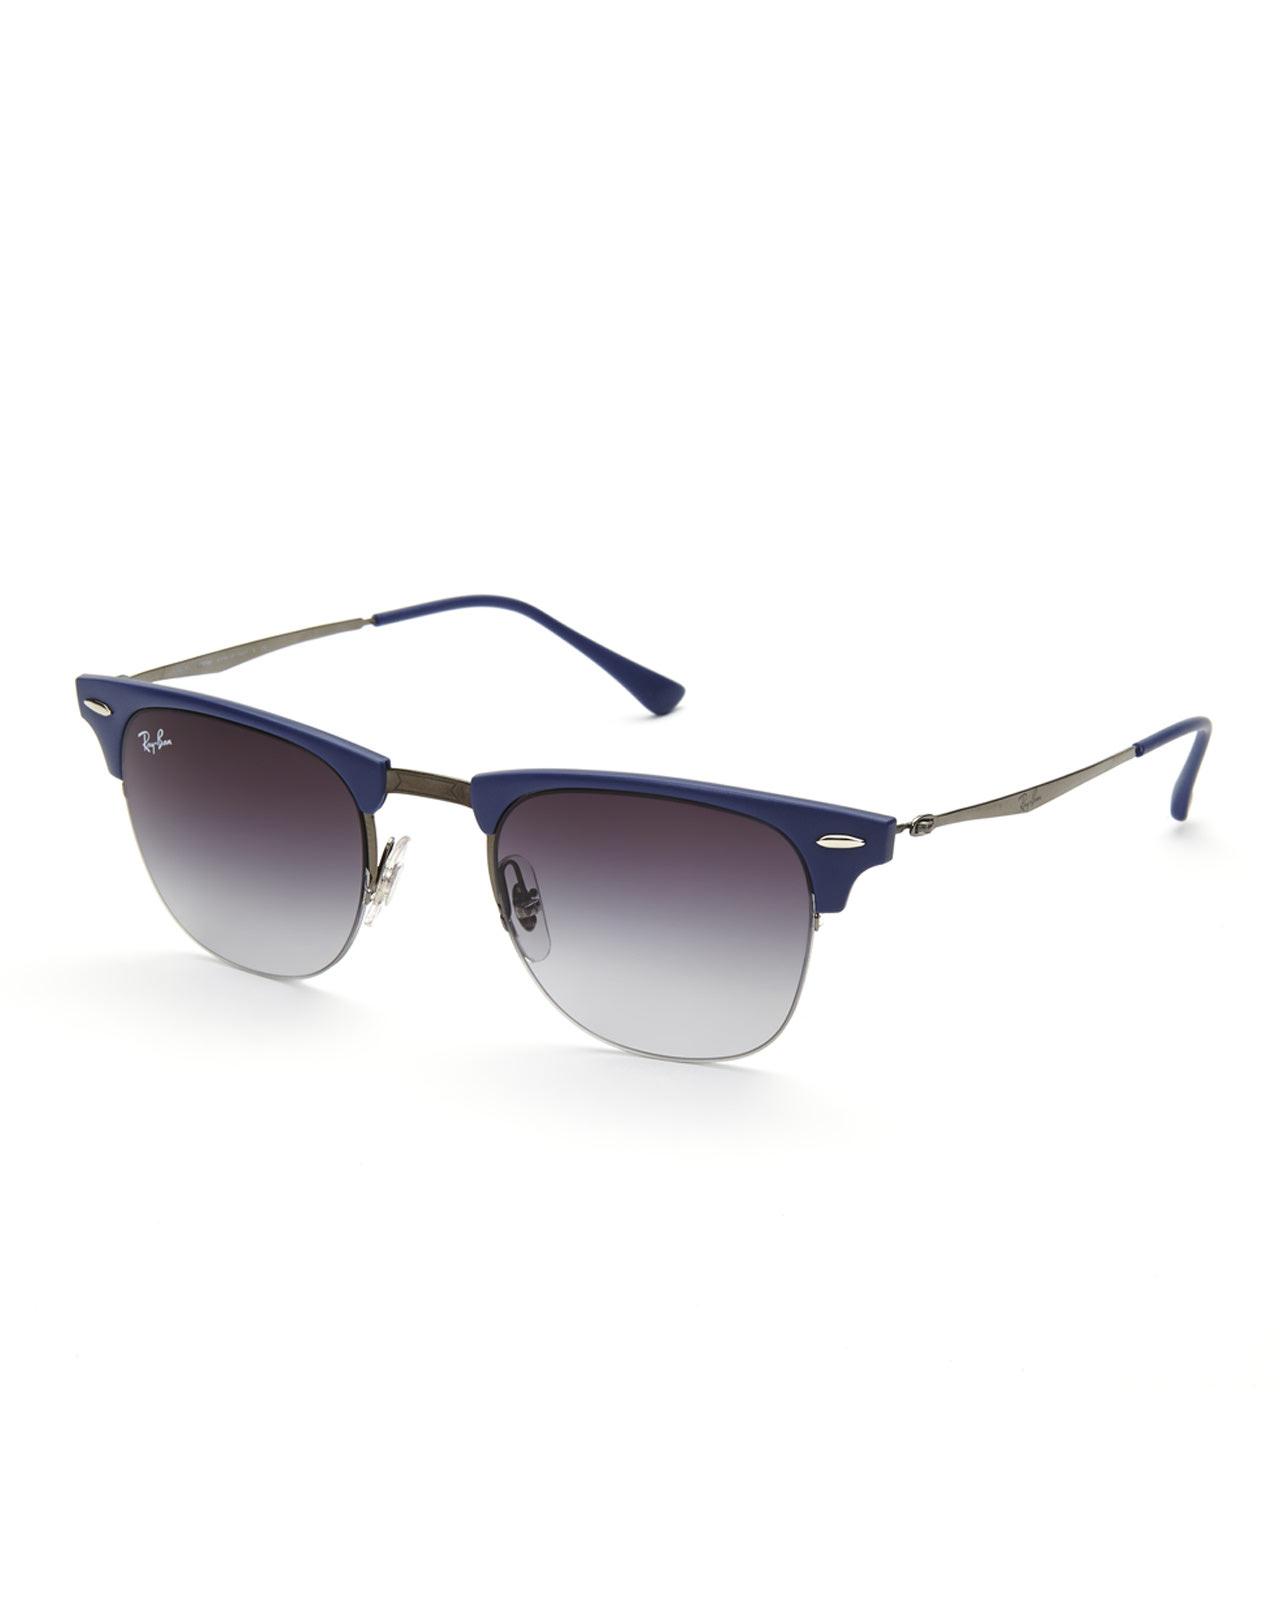 Lyst - Ray-Ban Rb8056 Blue & Silver-Tone Half-Rim Wayfarer ...